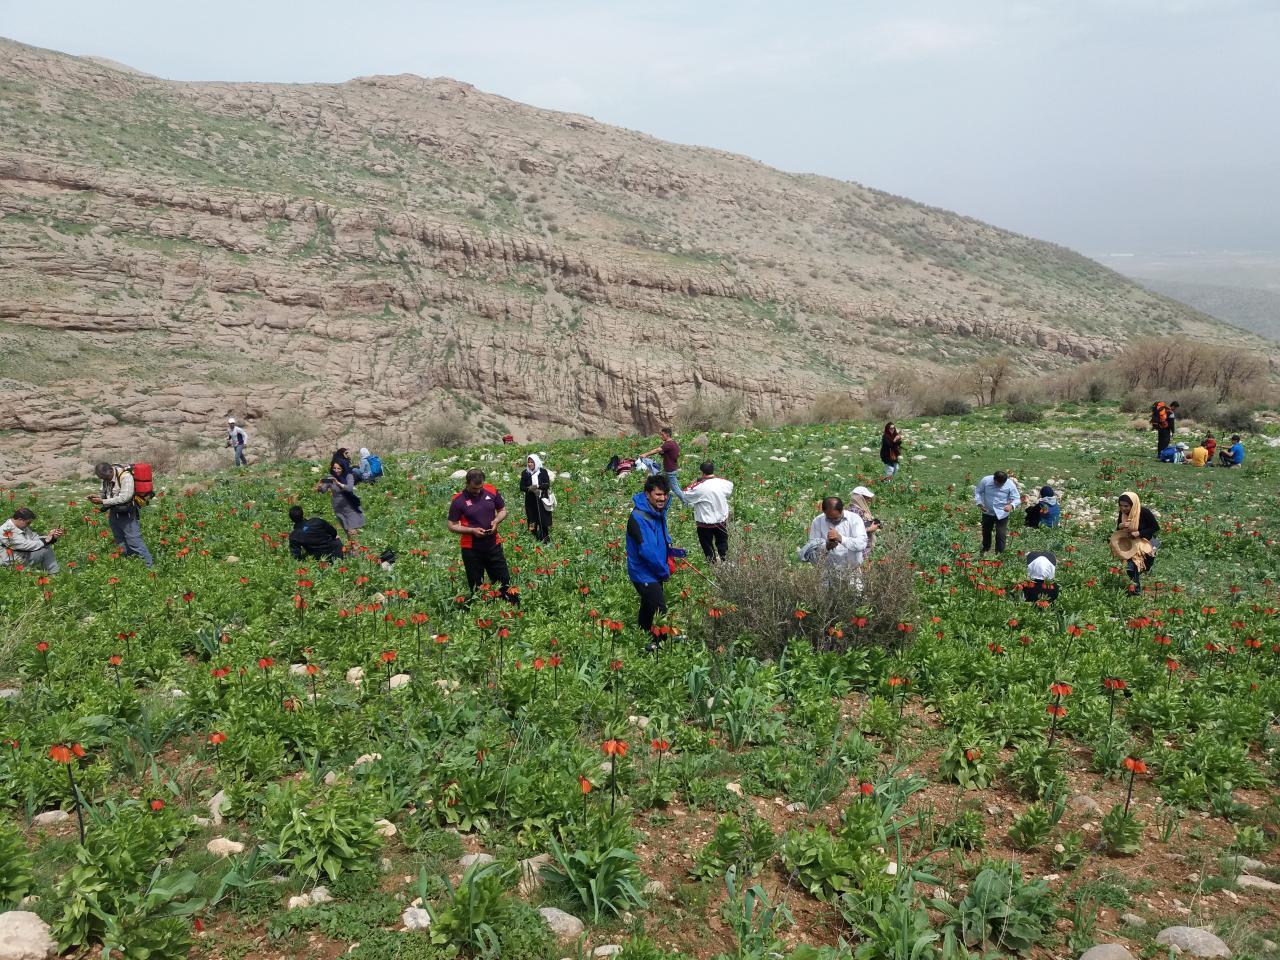 گروه کوهنوردی هیئت کوهنوردی دورود